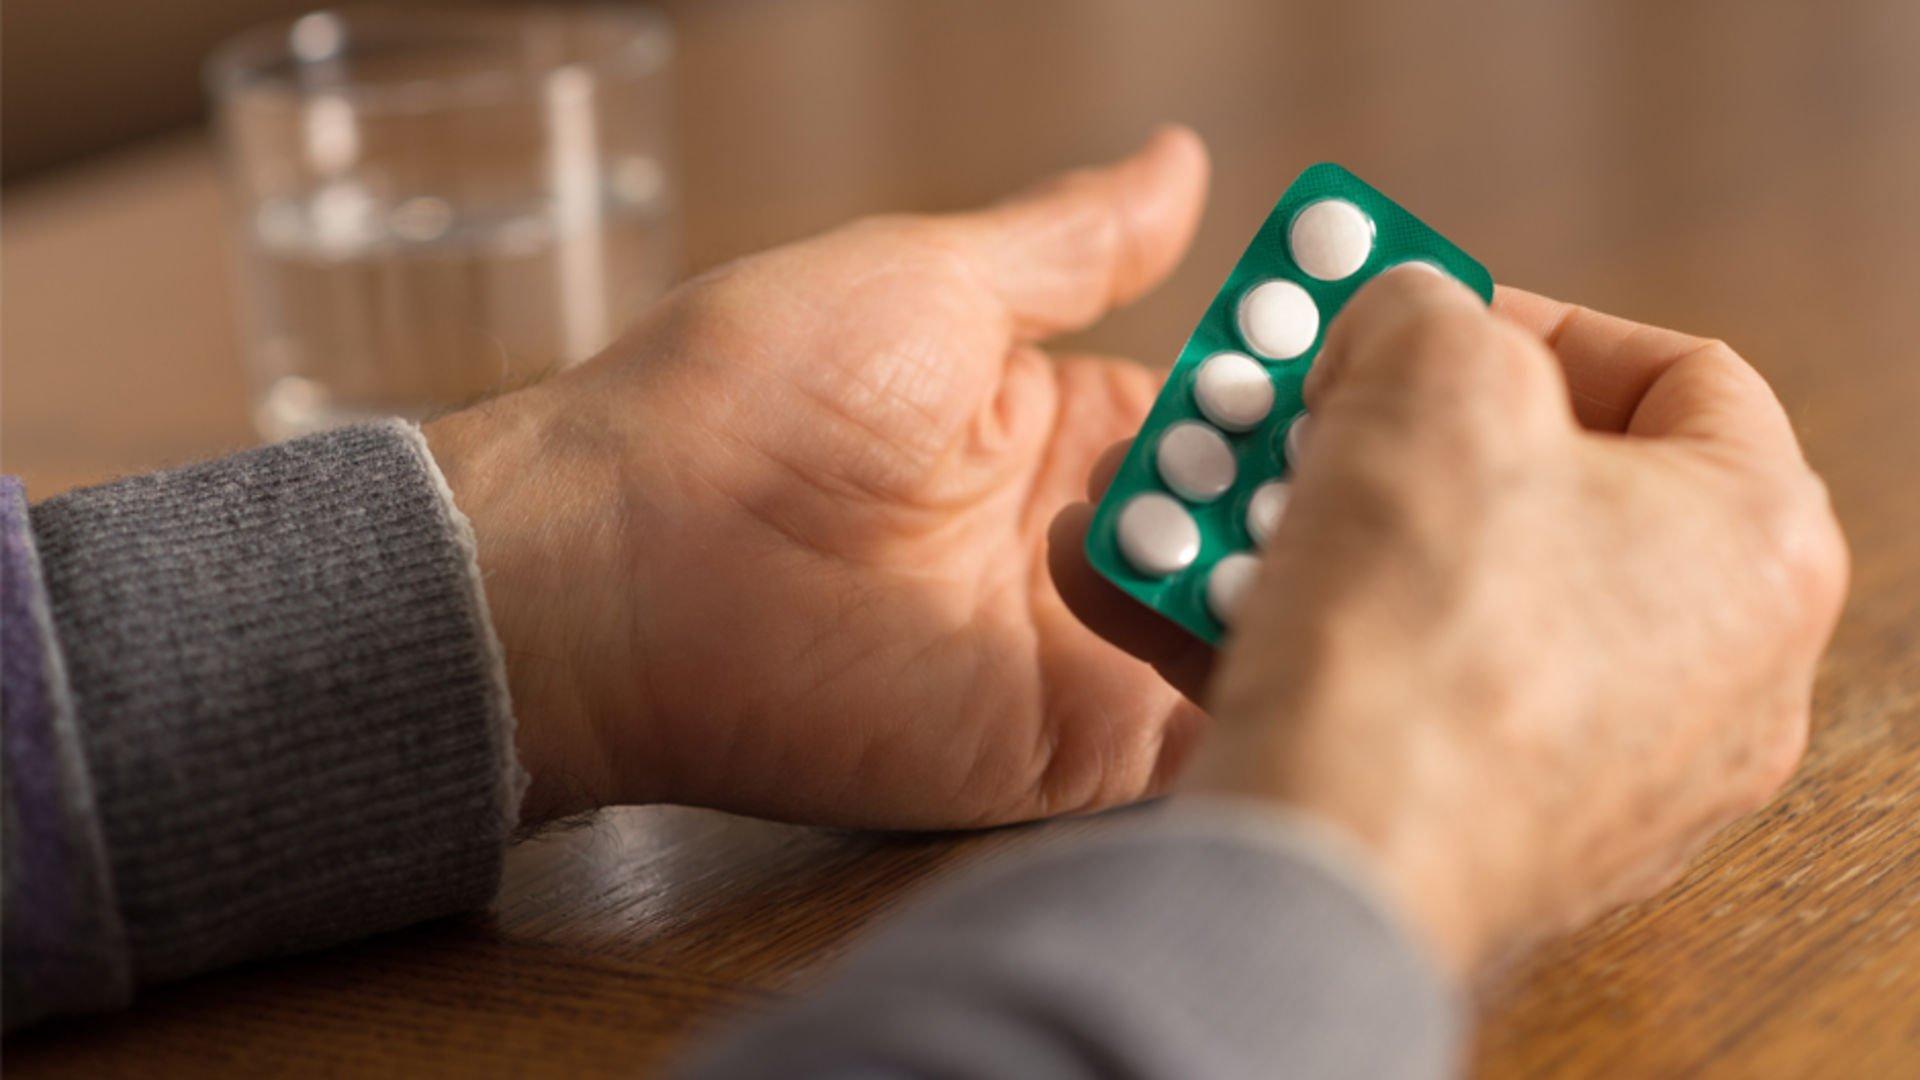 Aspirin kalp krizi ve felç riskini azaltmıyor!